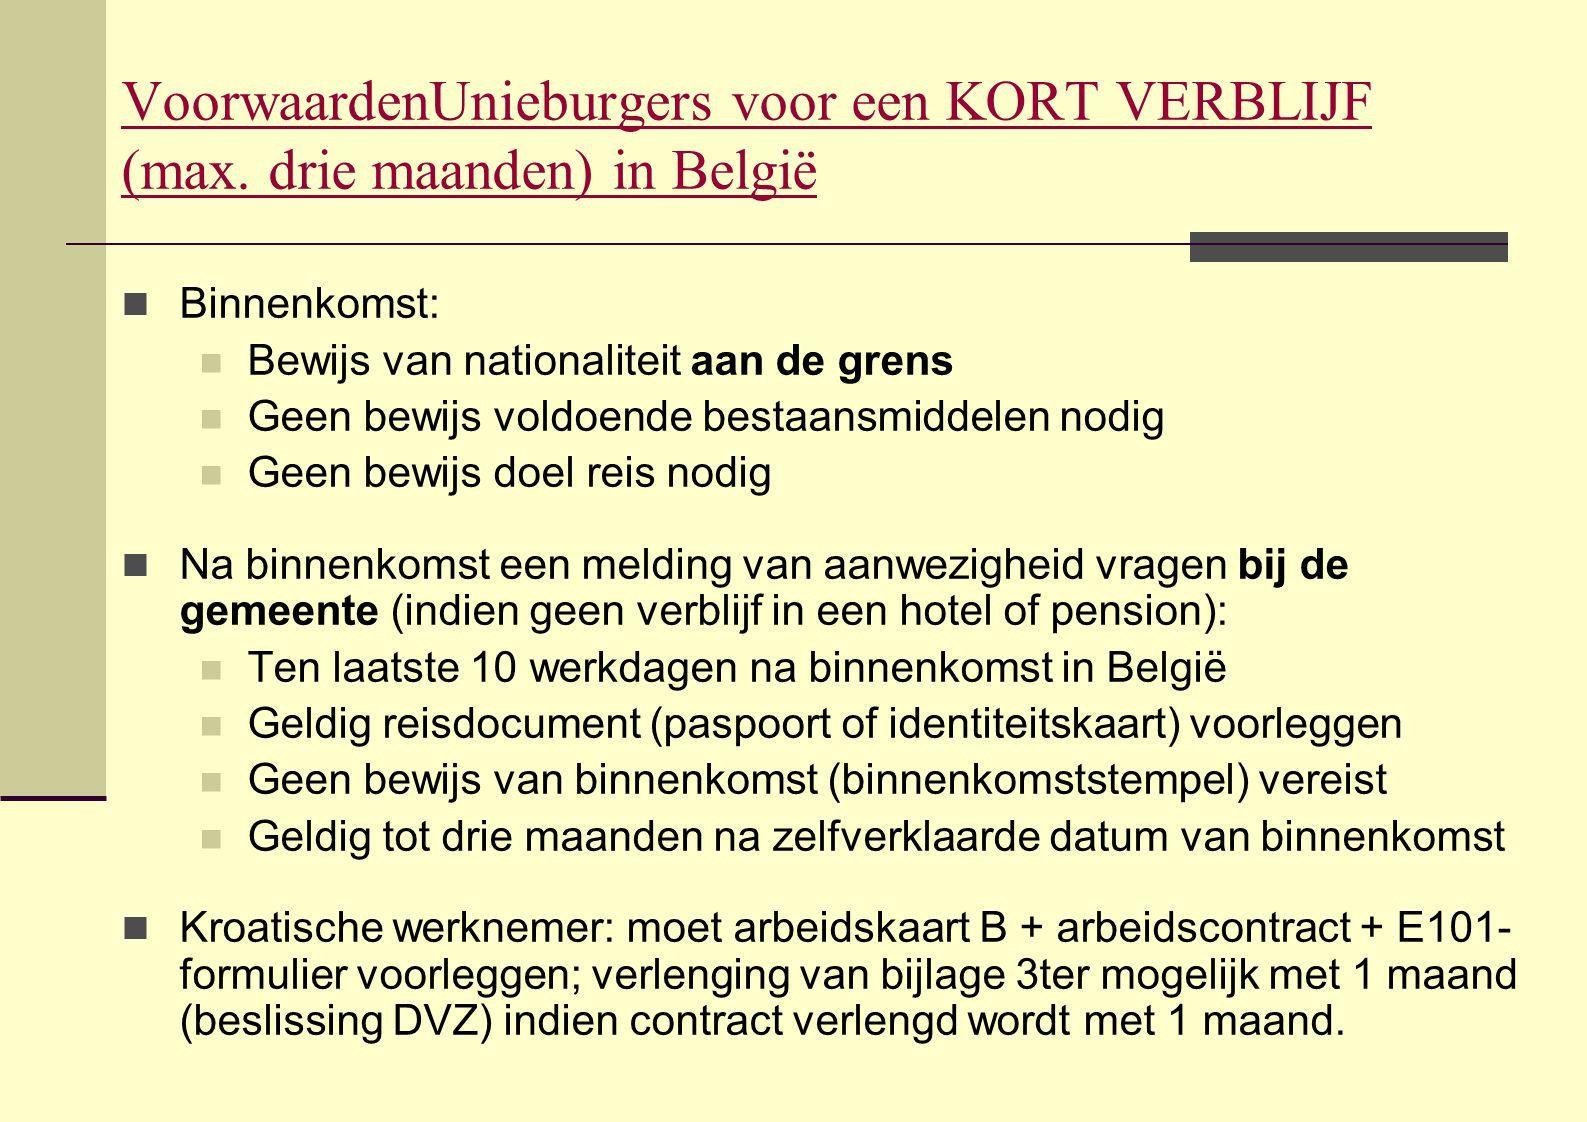  Binnenkomst:  Bewijs van nationaliteit aan de grens  Geen bewijs voldoende bestaansmiddelen nodig  Geen bewijs doel reis nodig  Na binnenkomst e